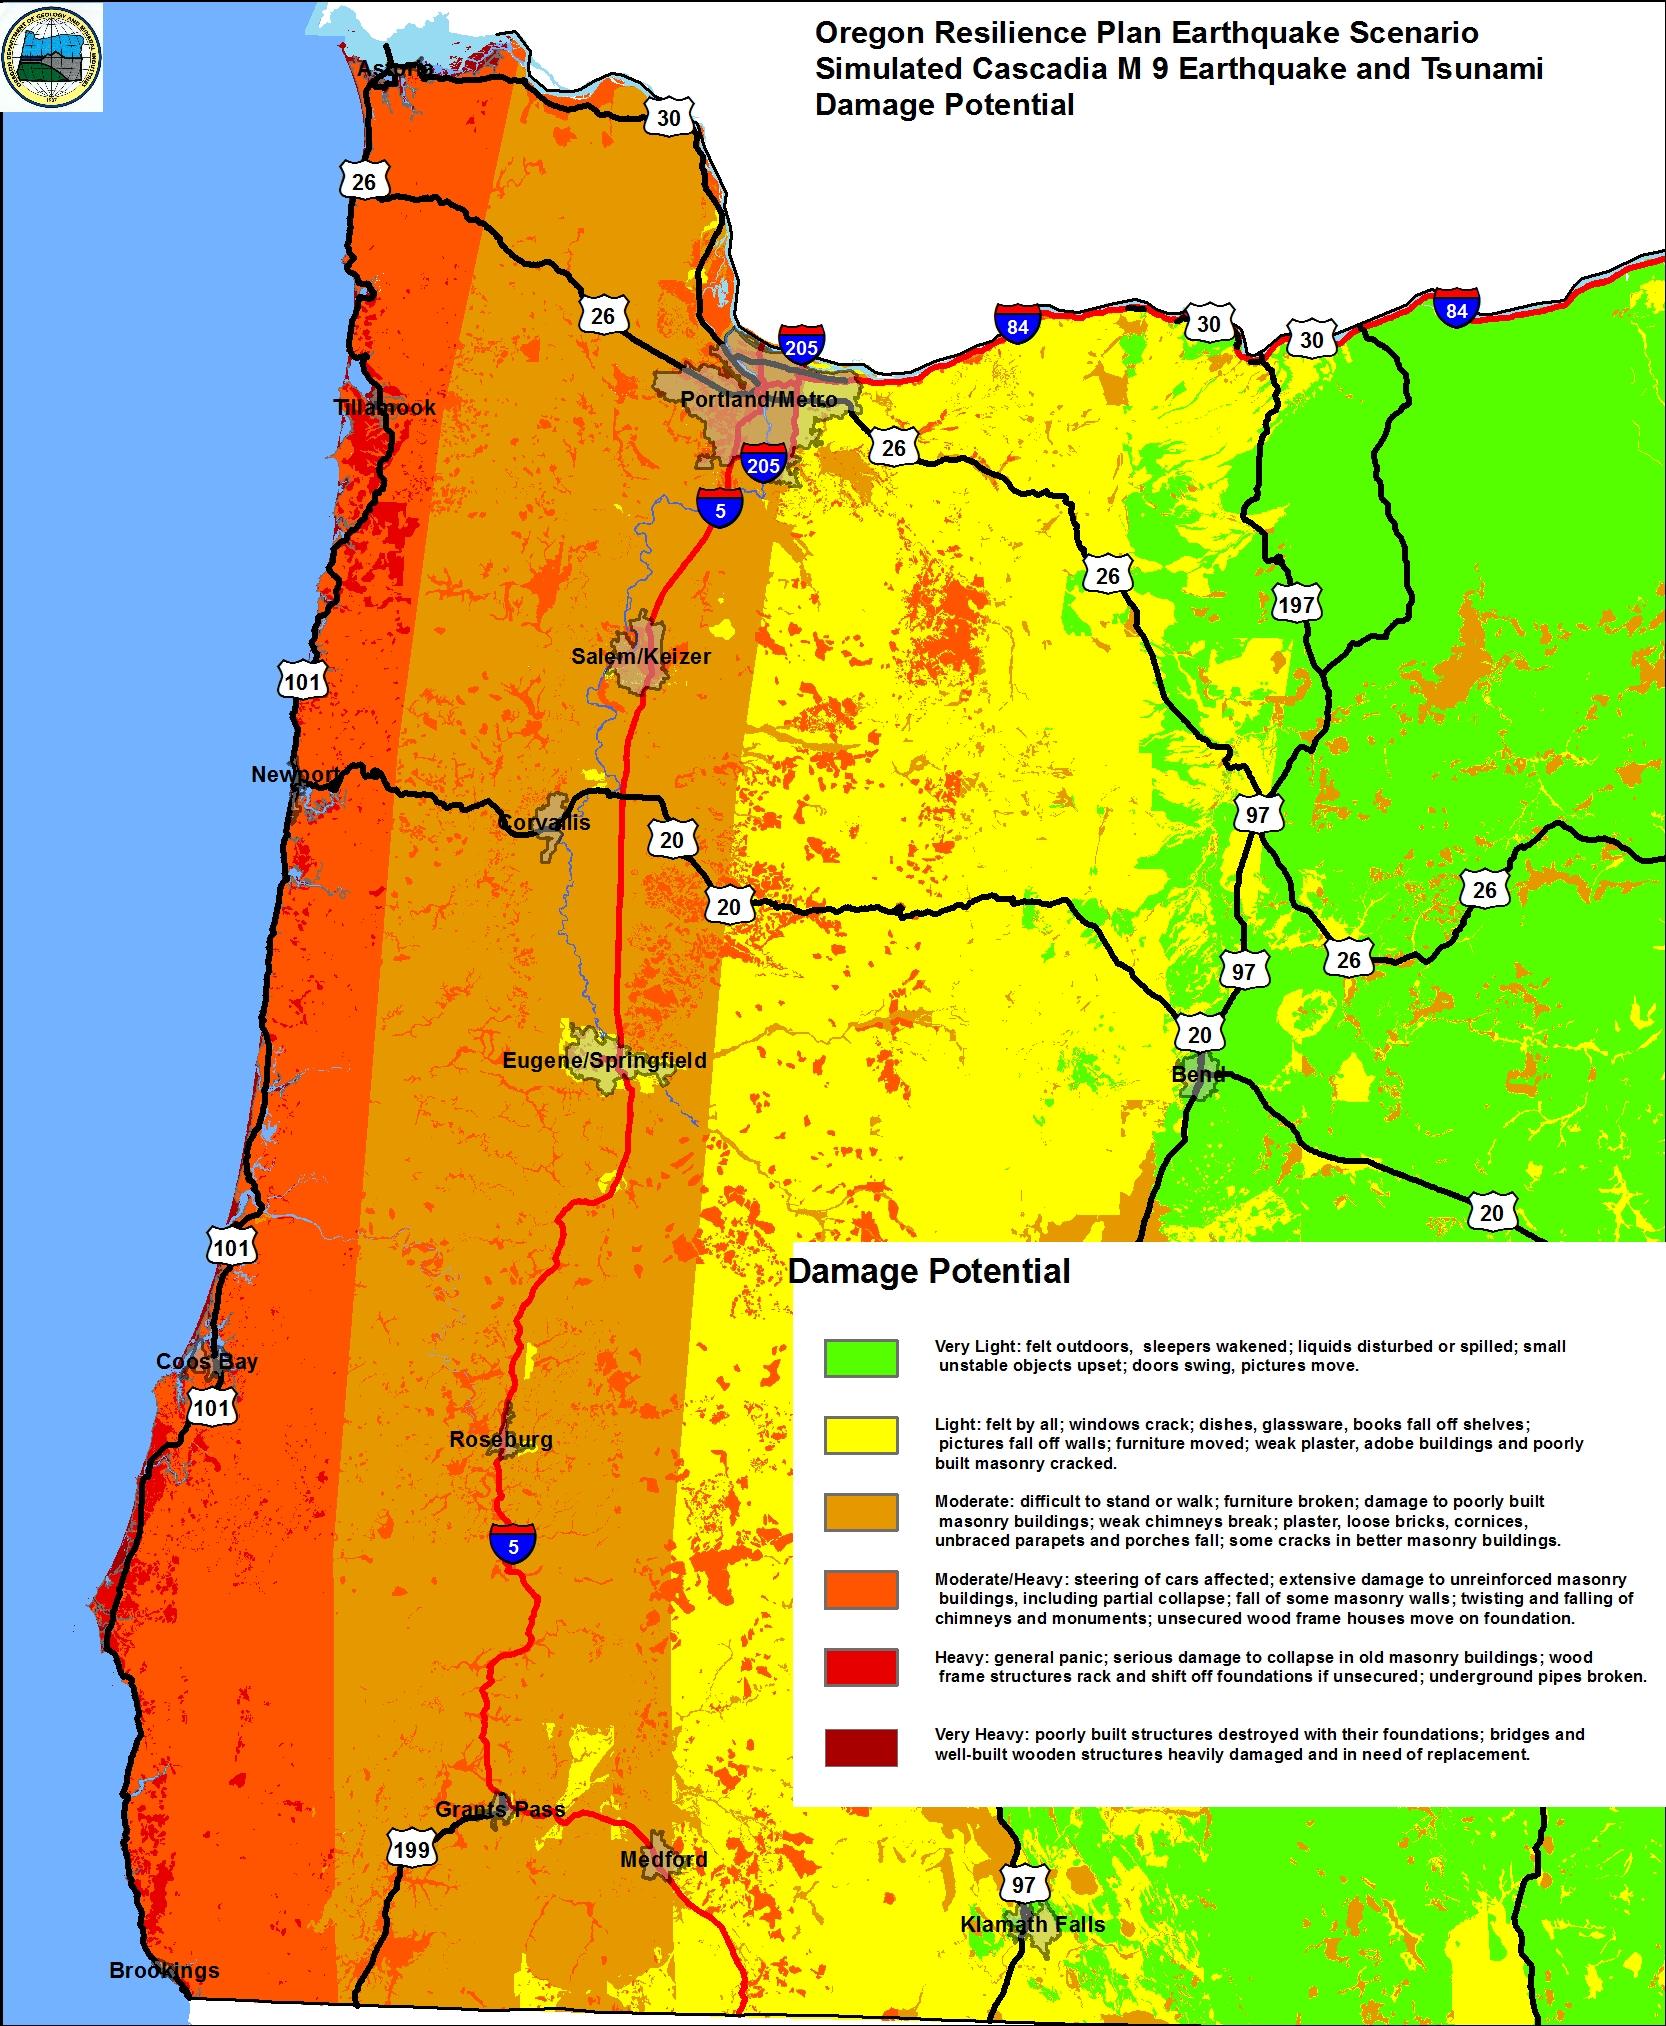 Cascadia Subduction Zone Tsunami Map Cascadia Subduction Zone Earthquakes, Info, & Tsunami Awareness  Cascadia Subduction Zone Tsunami Map